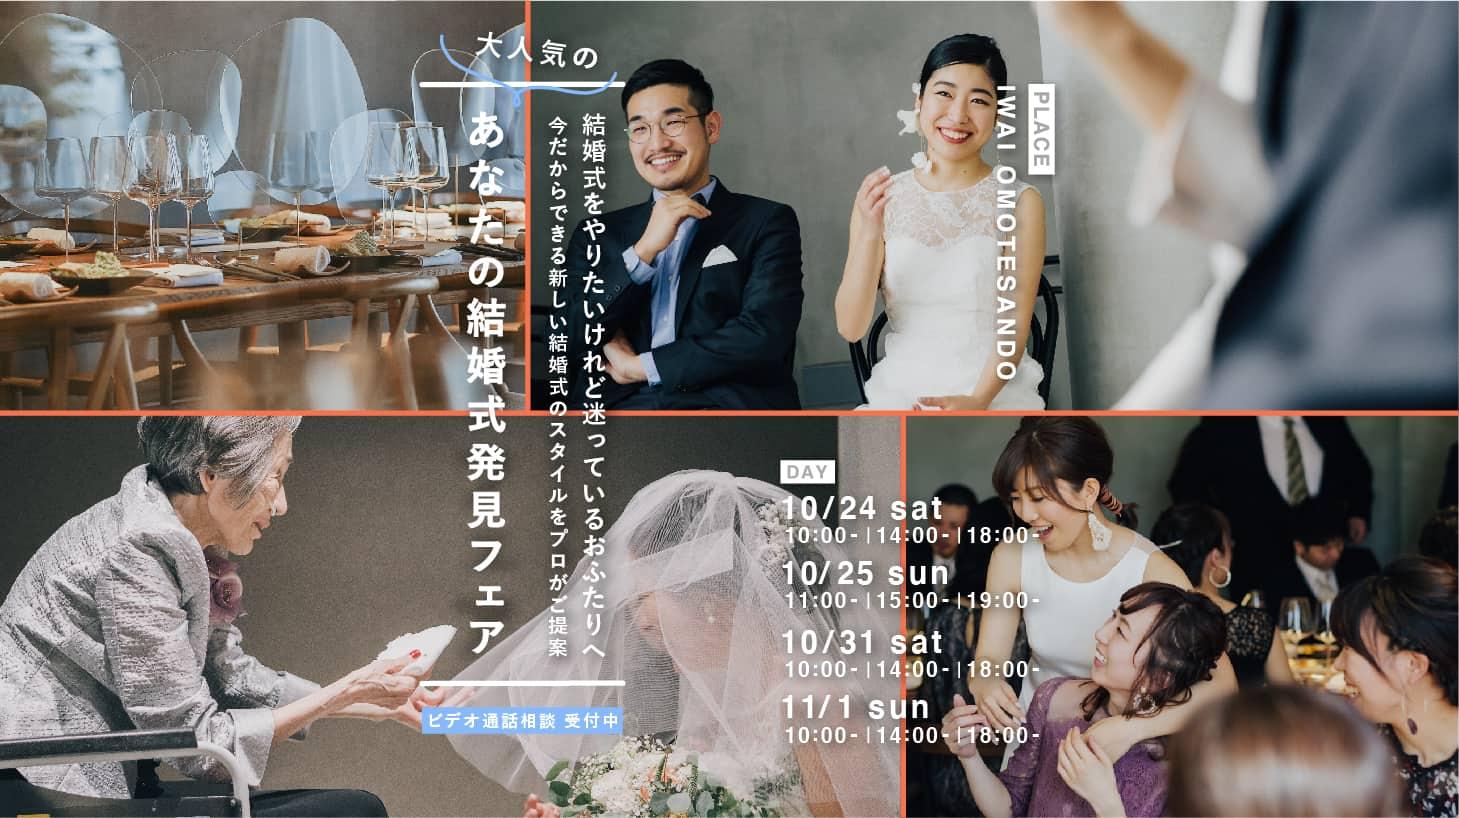 結婚式をやりたいけれど迷っているおふたりへ。今だからできる新しい結婚式のスタイルをプロが提案『あなたの結婚式発見フェア』のカバー写真